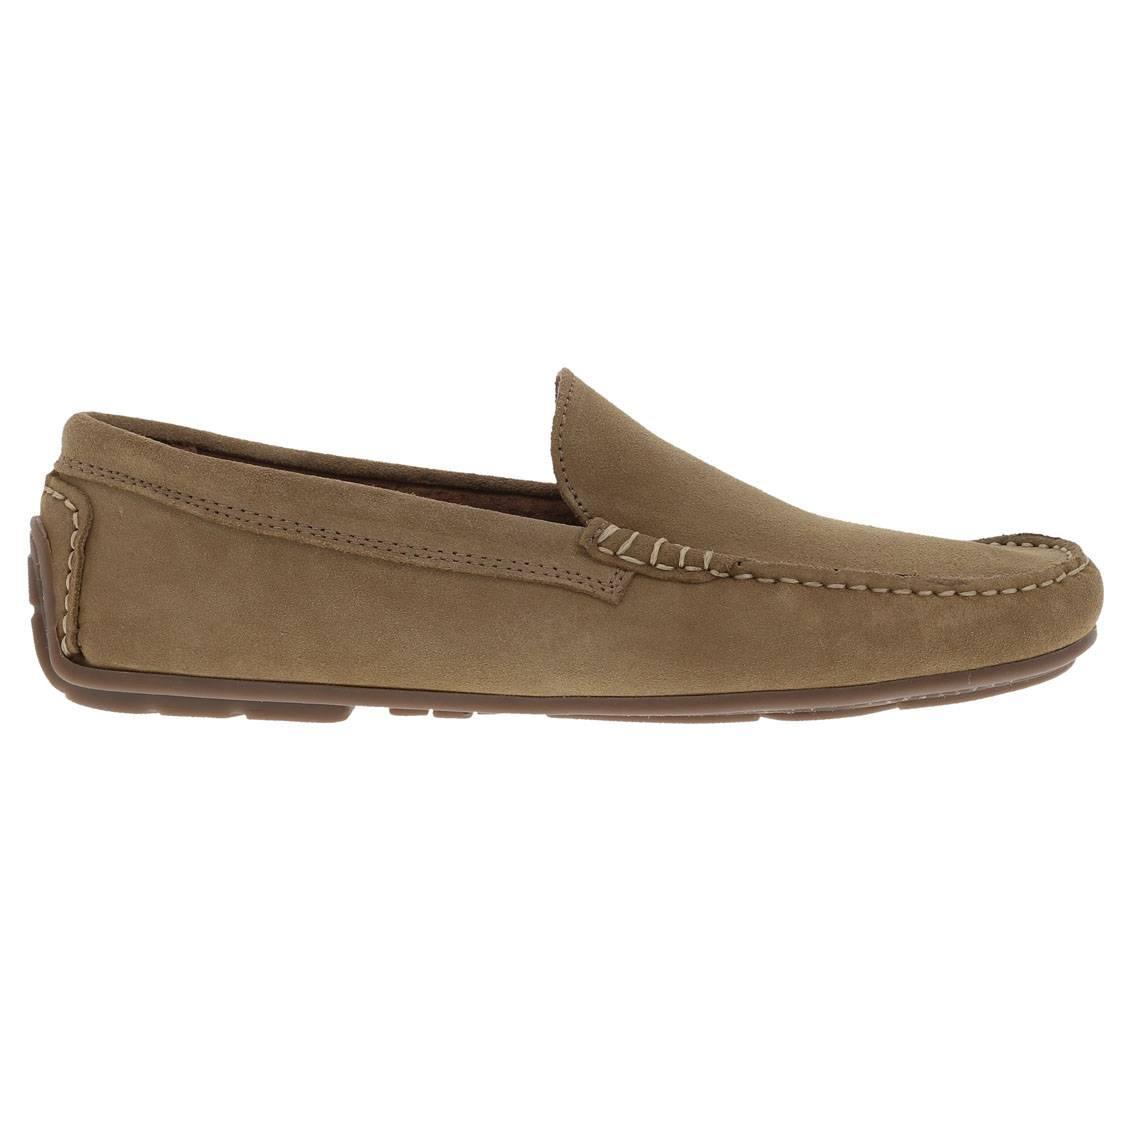 Chaussures bateau en croute de cuir taupe. Chaussures bateau en croute de cuir taupe